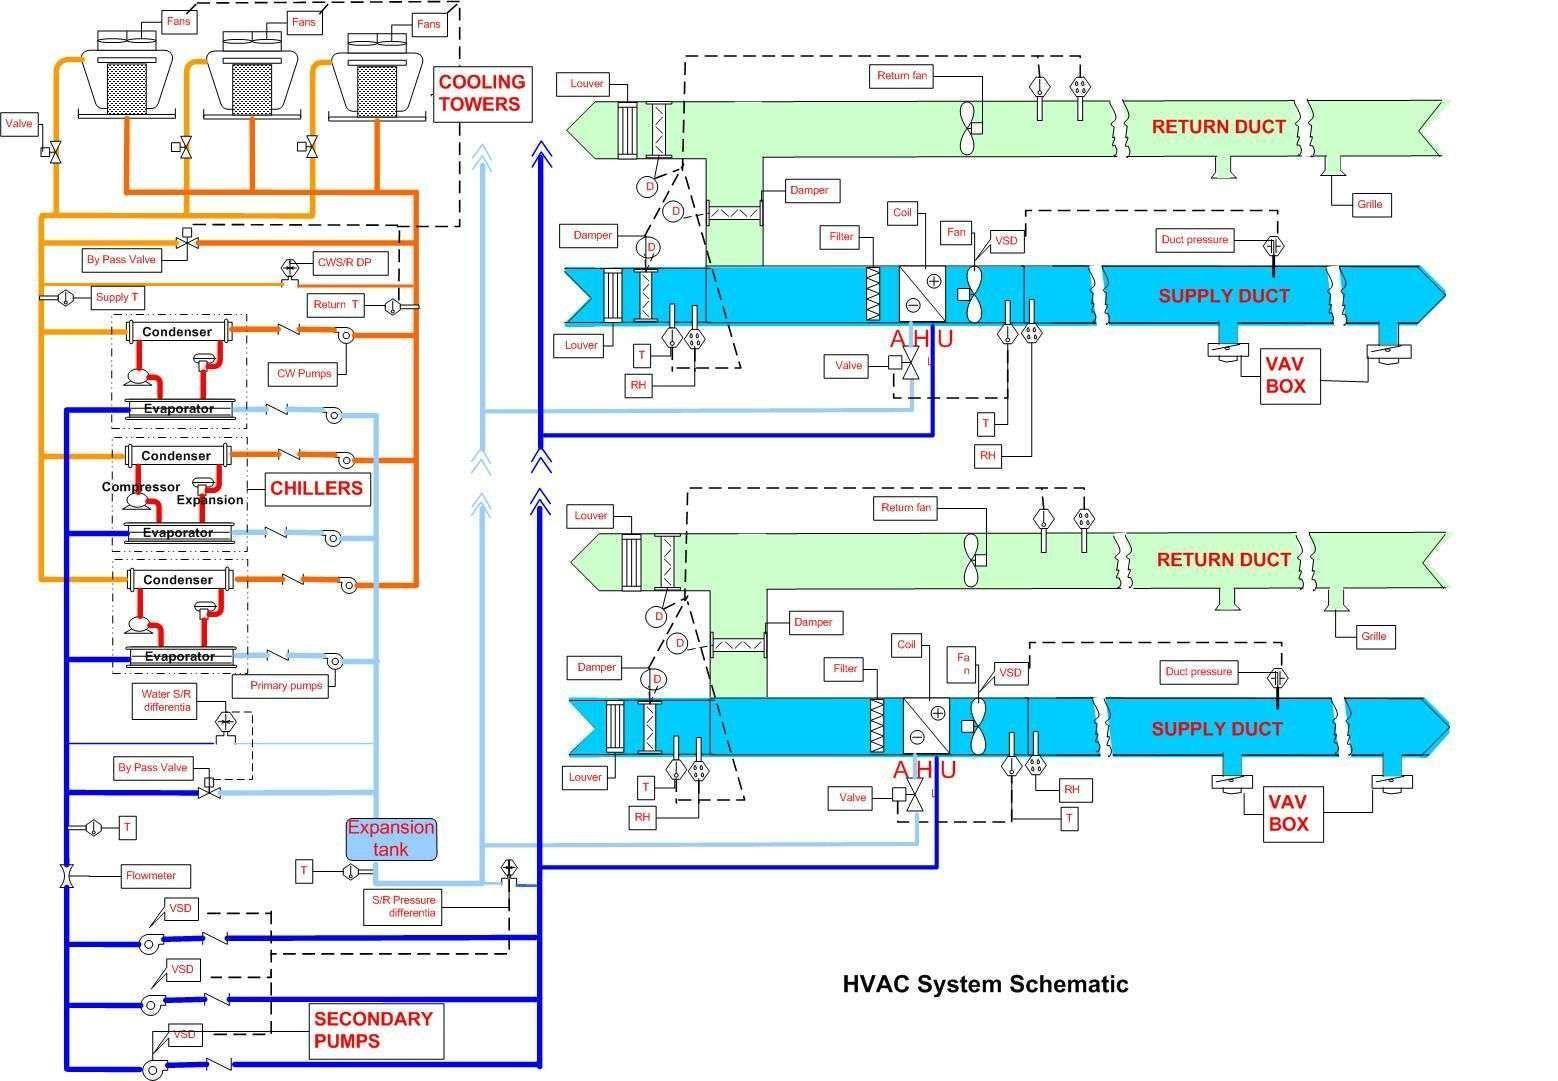 Wiring Diagram Home Wiring Diagram Home Wiring Diagram For Smart Home 3 12rma Lift Hvac Design Hvac System Hvac